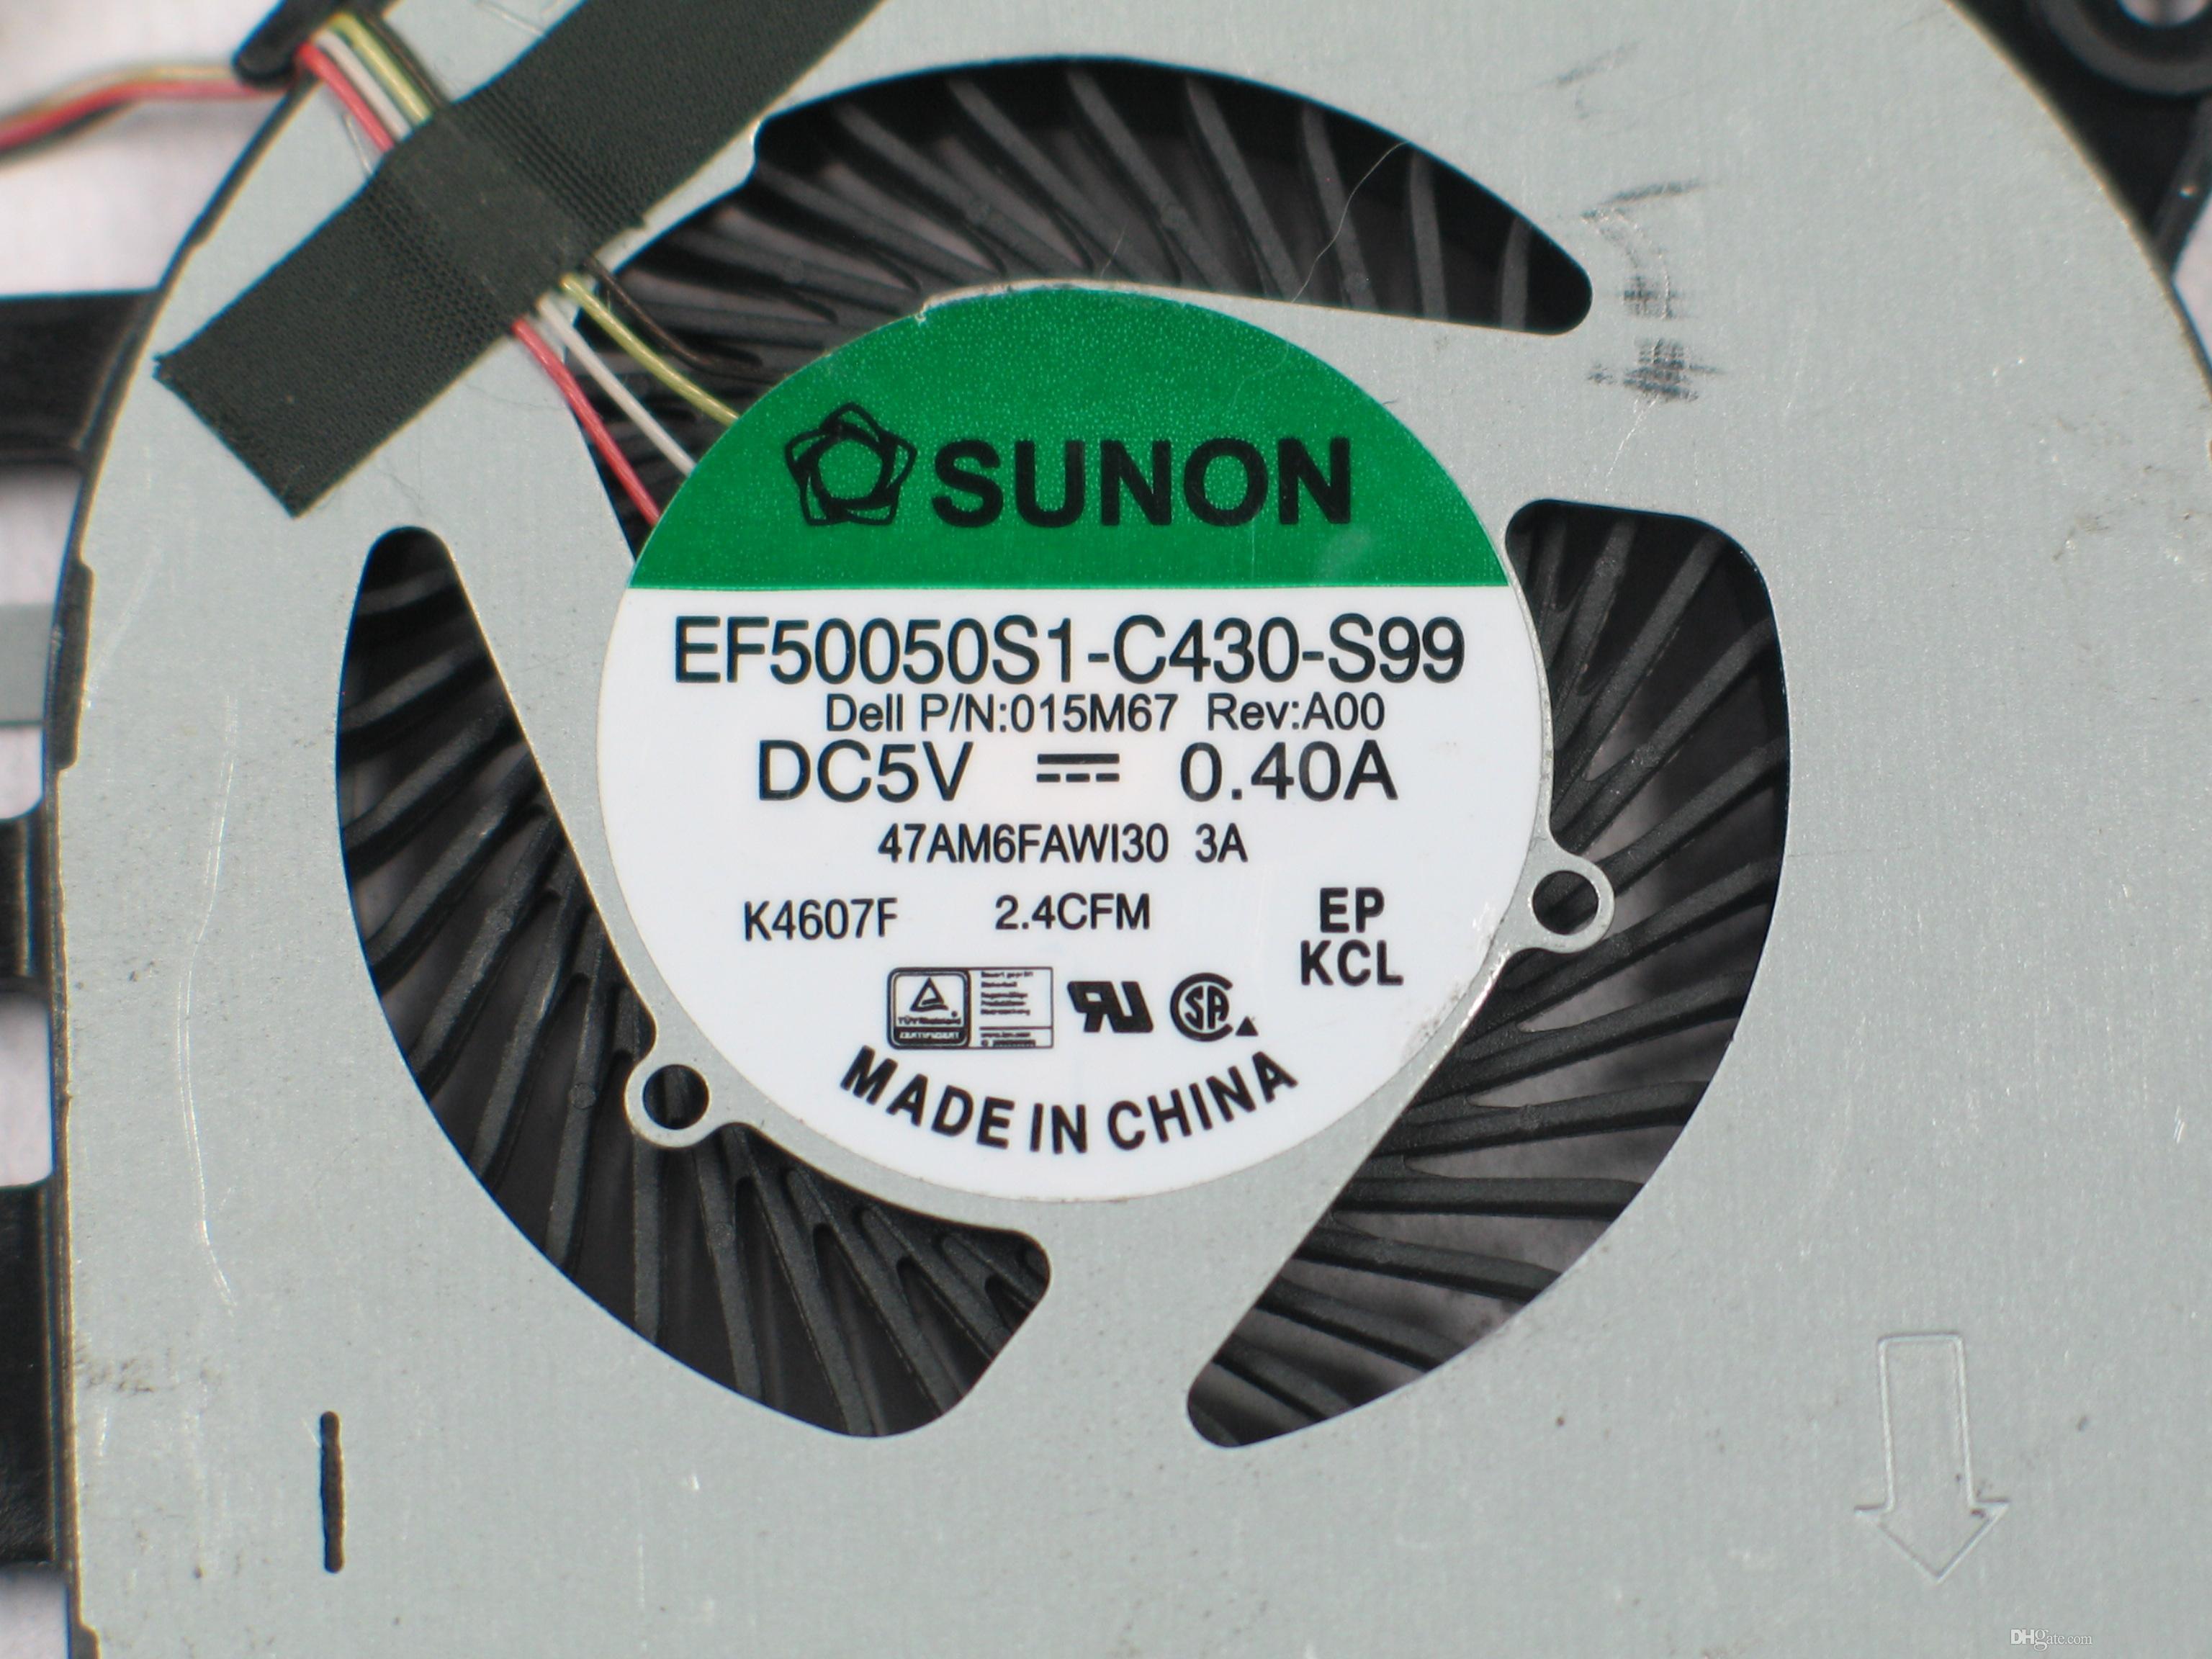 SUNON EF50050S1-C430-S99 DC 5 V 0.40A 4 fios conector de 4 pinos 60mm Servidor CPU ventilador de refrigeração